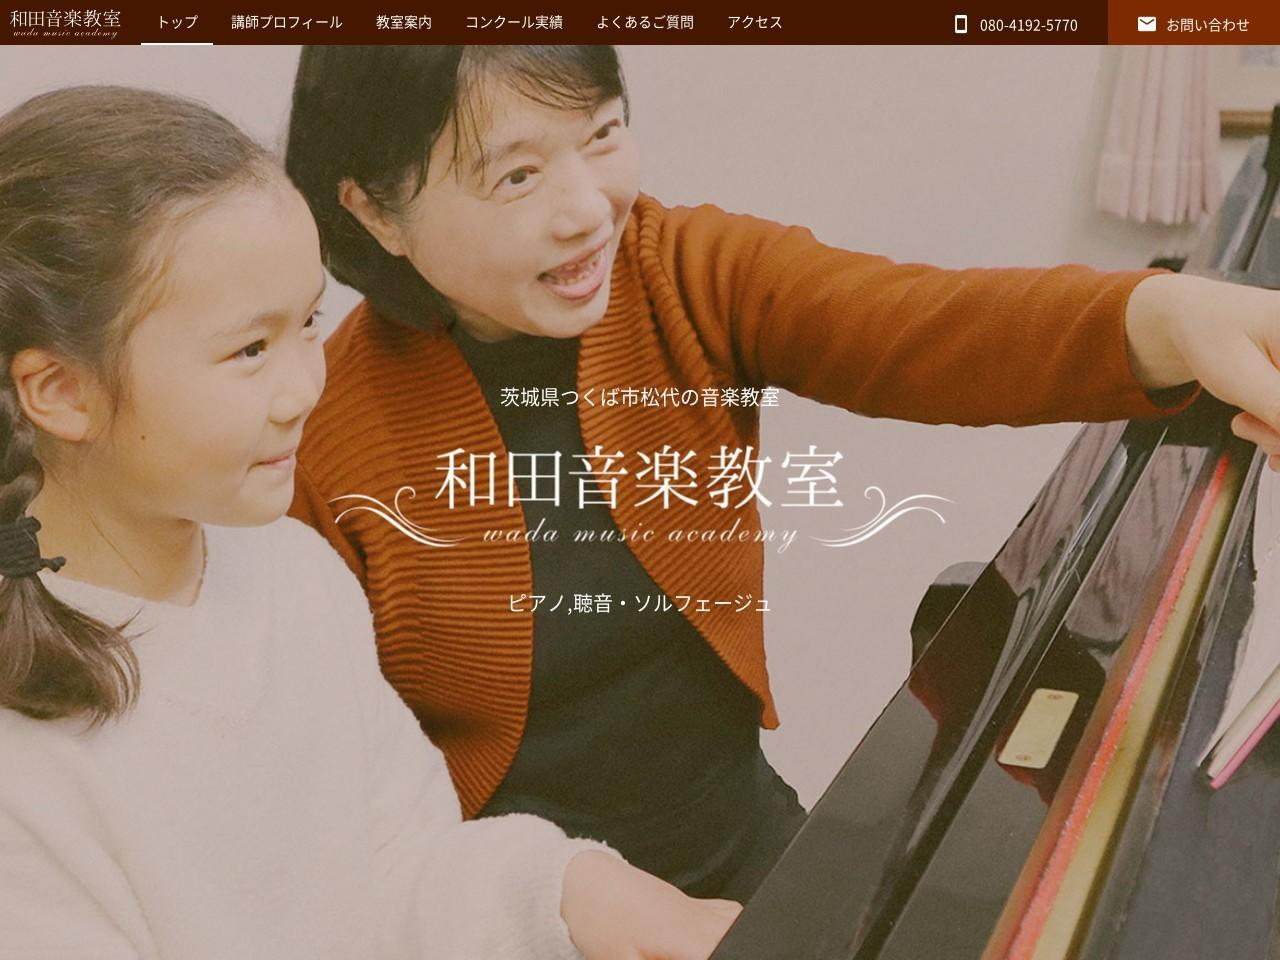 和田音楽教室のサムネイル